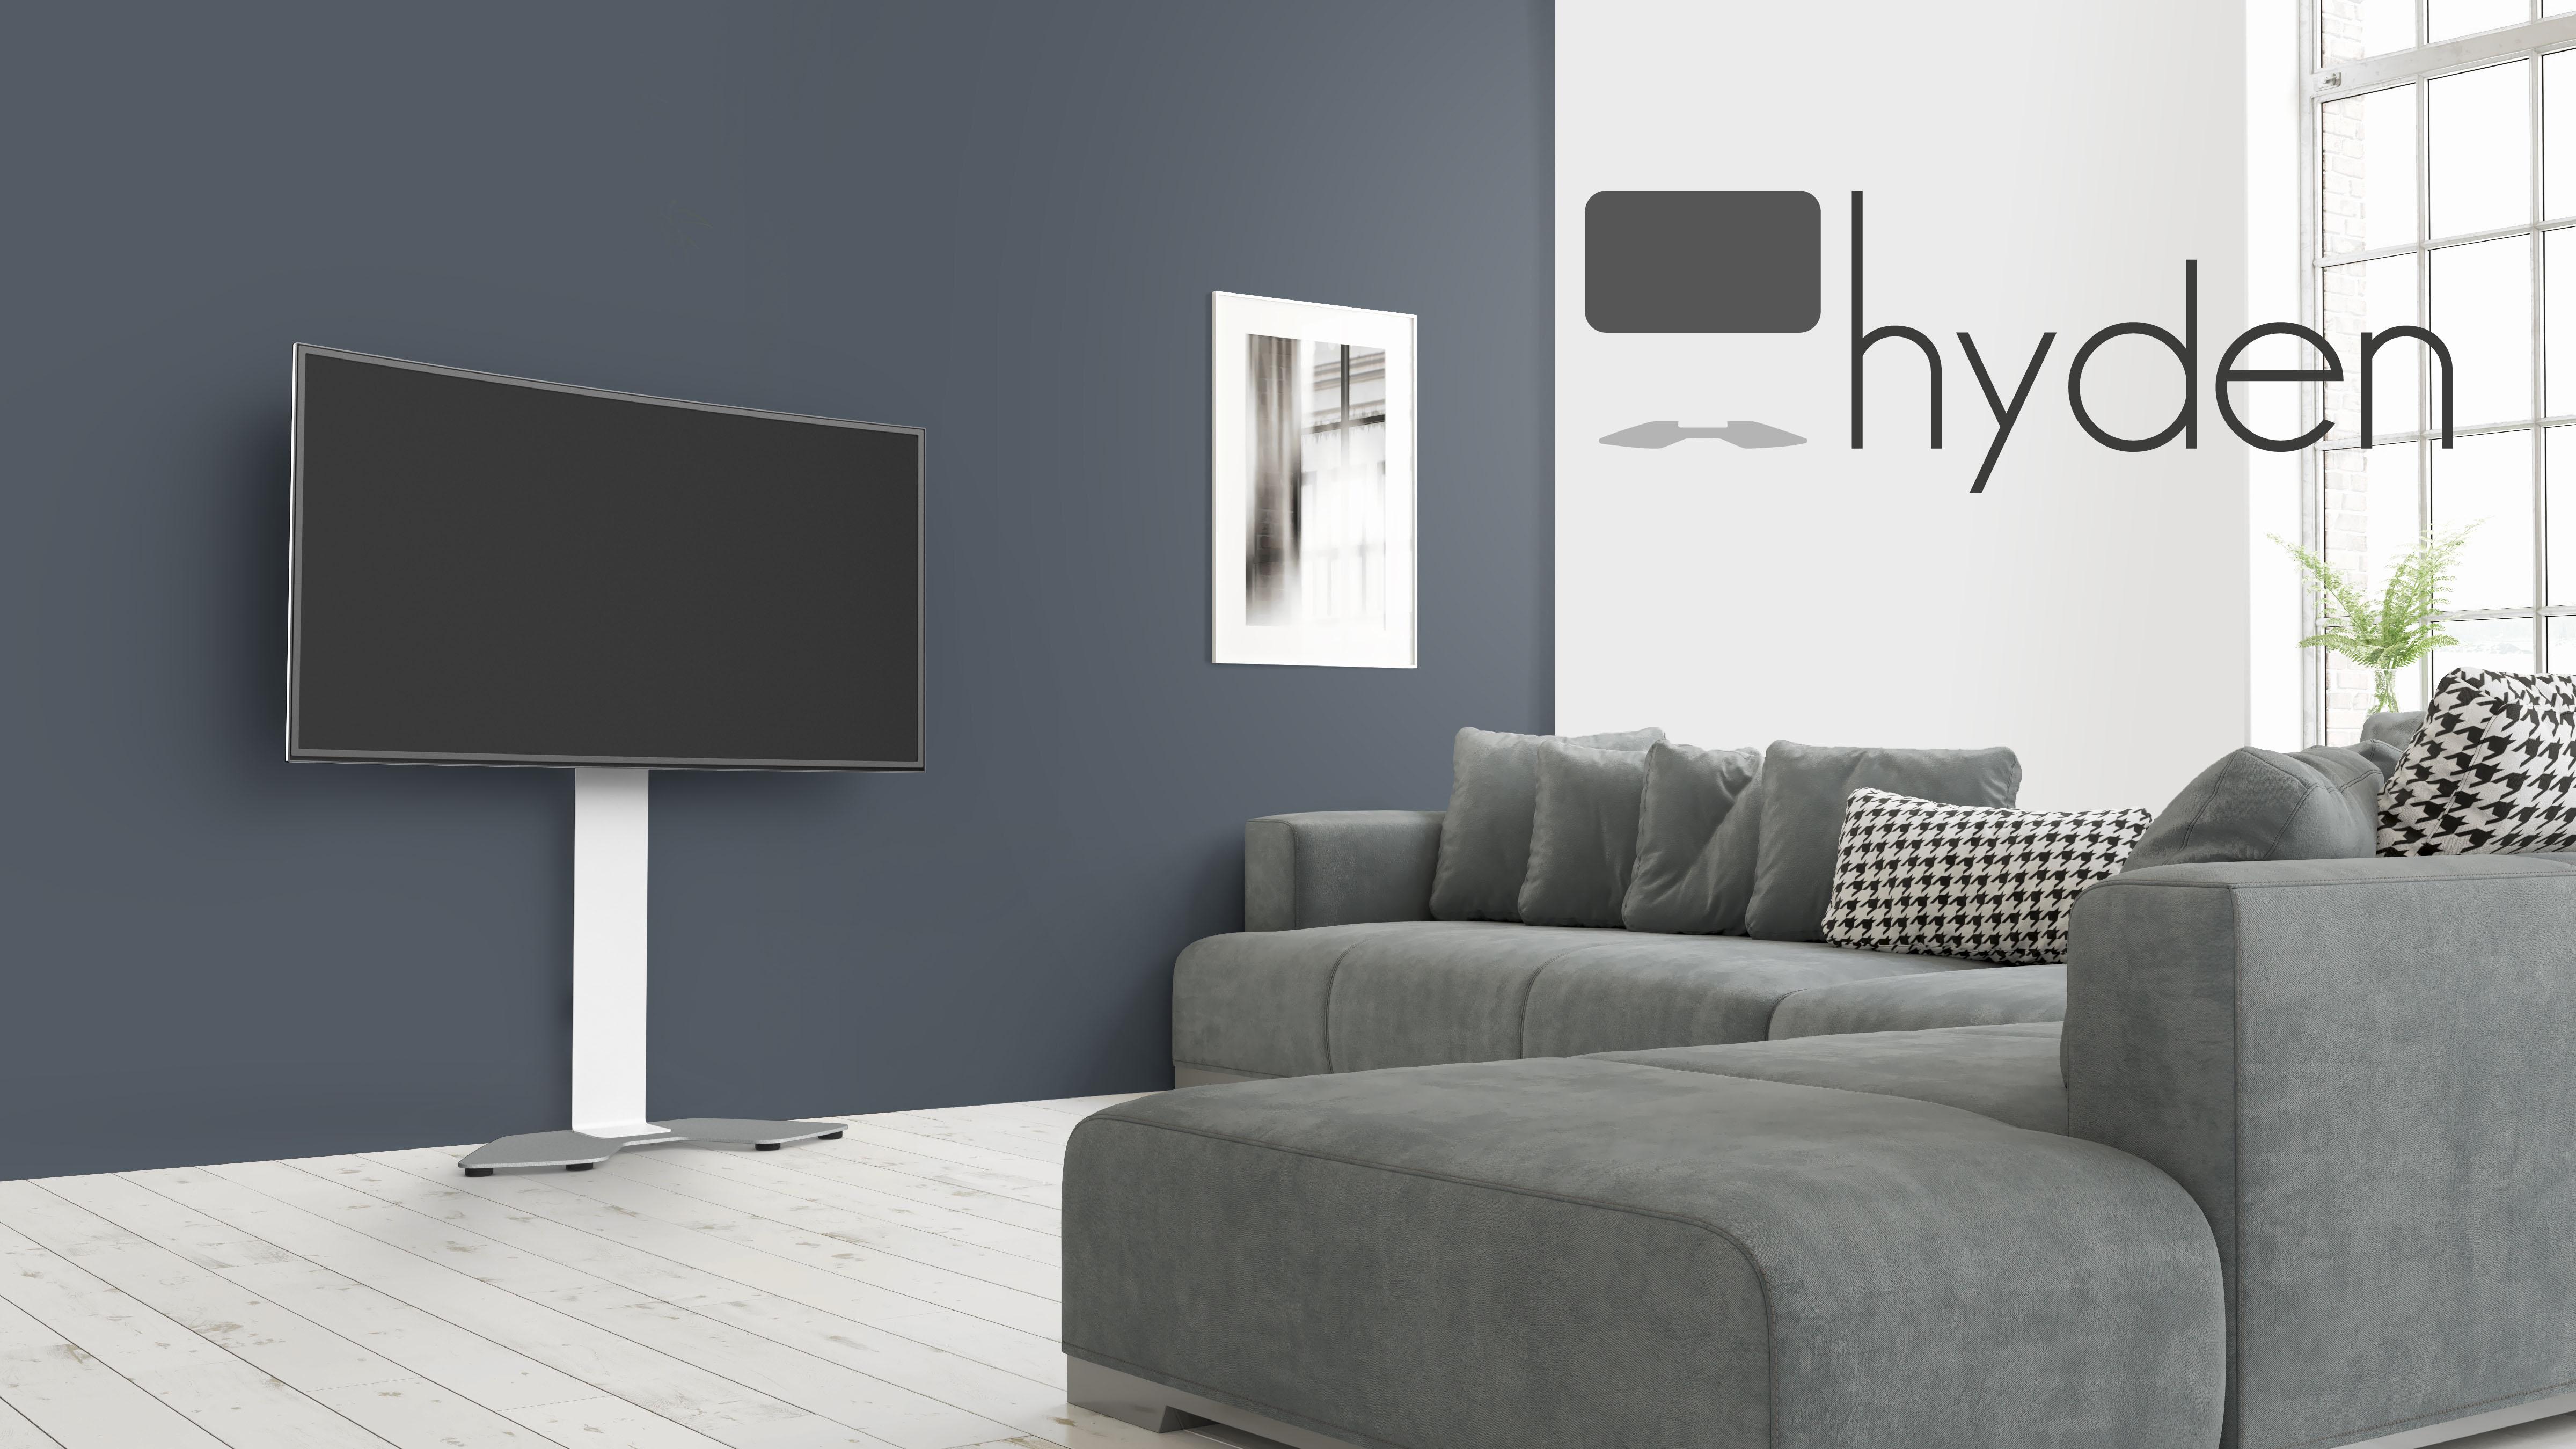 Pied technique Hyden contre le mur dans un salon.